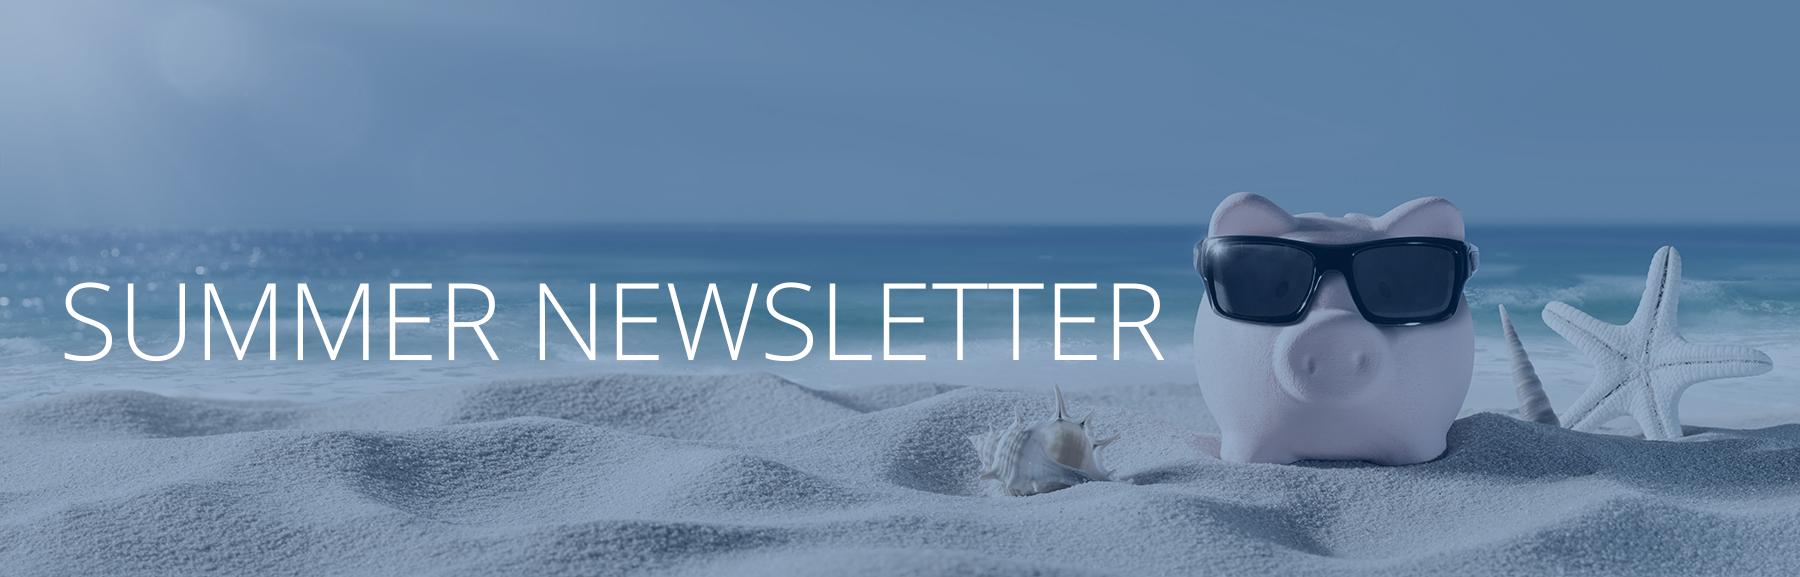 Piggy Bank Beach summer newsletter.jpg